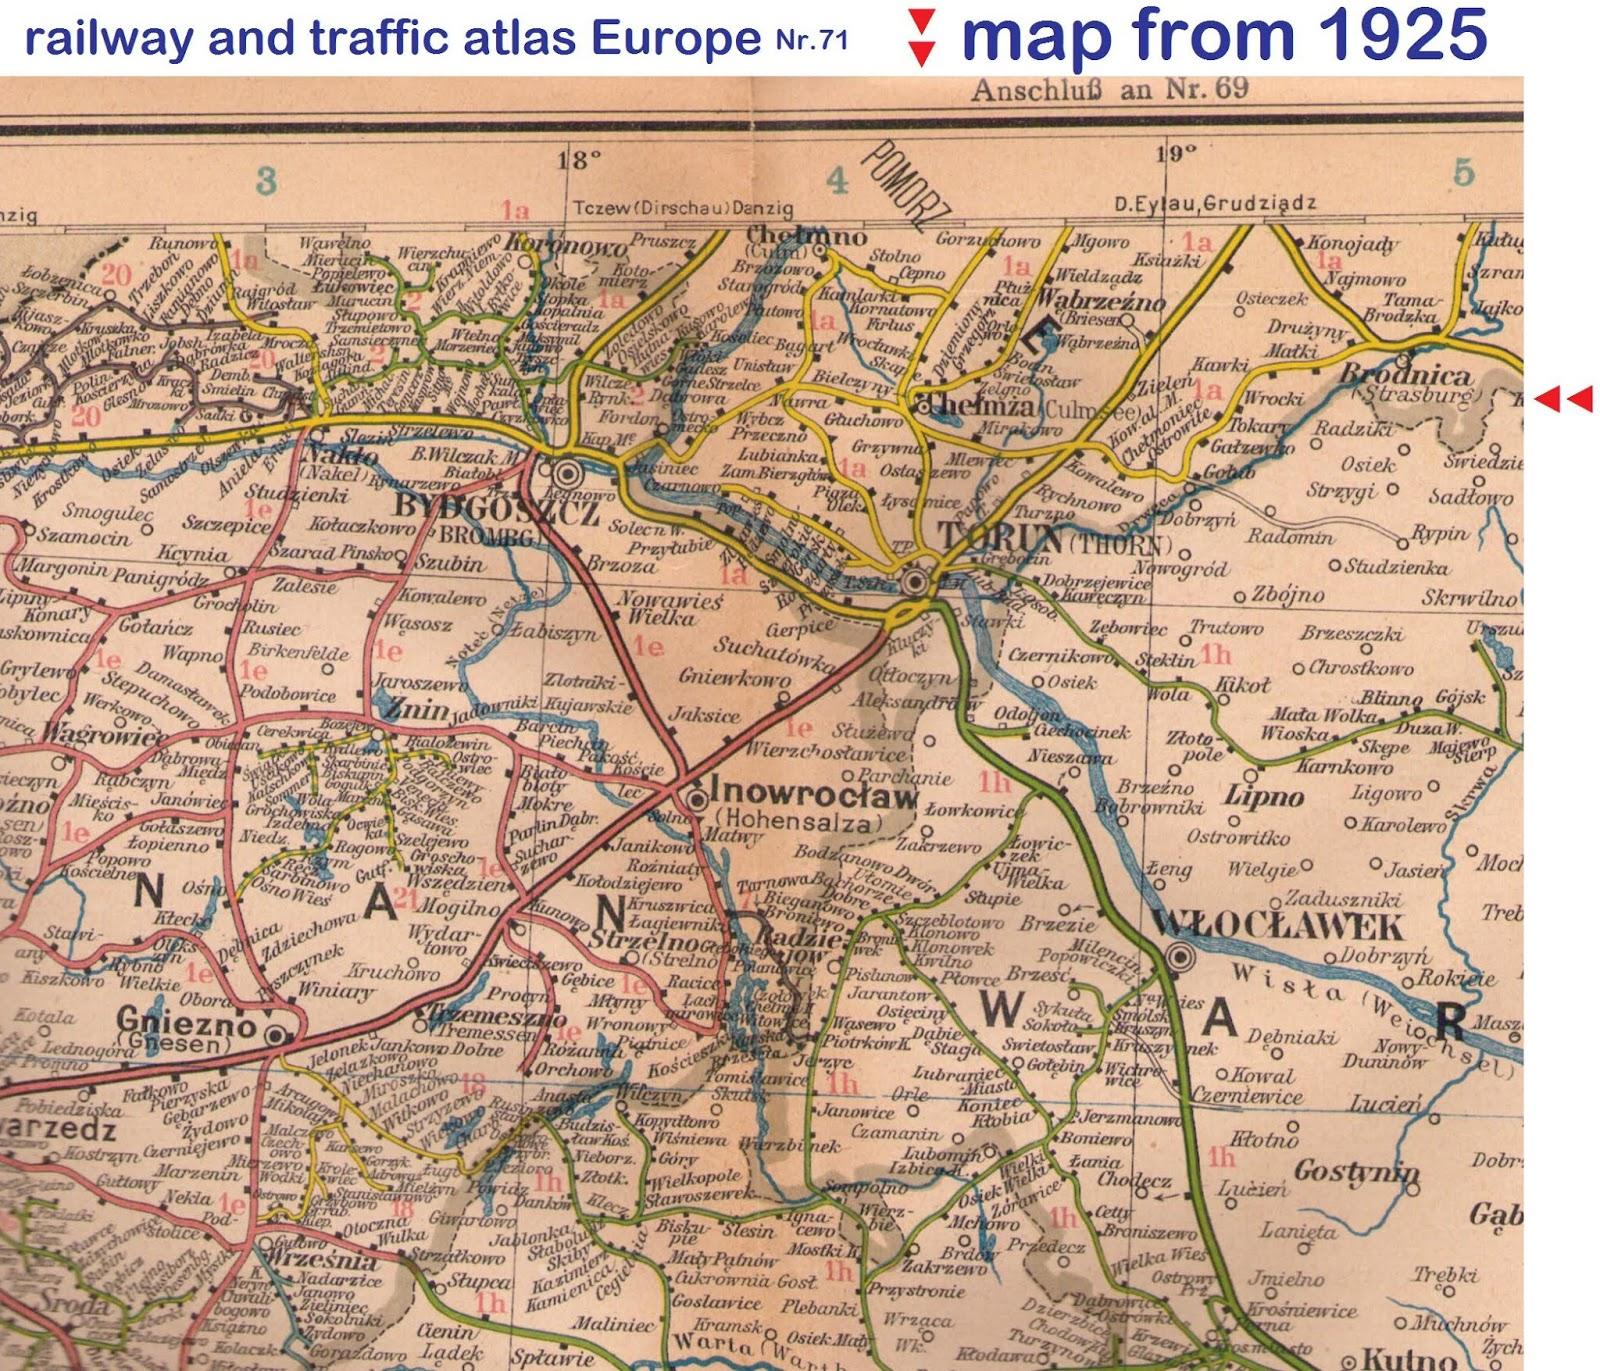 Culmsee 1925 Eisenbahn- u Verkehrsatlas – cut (pocket atlas)